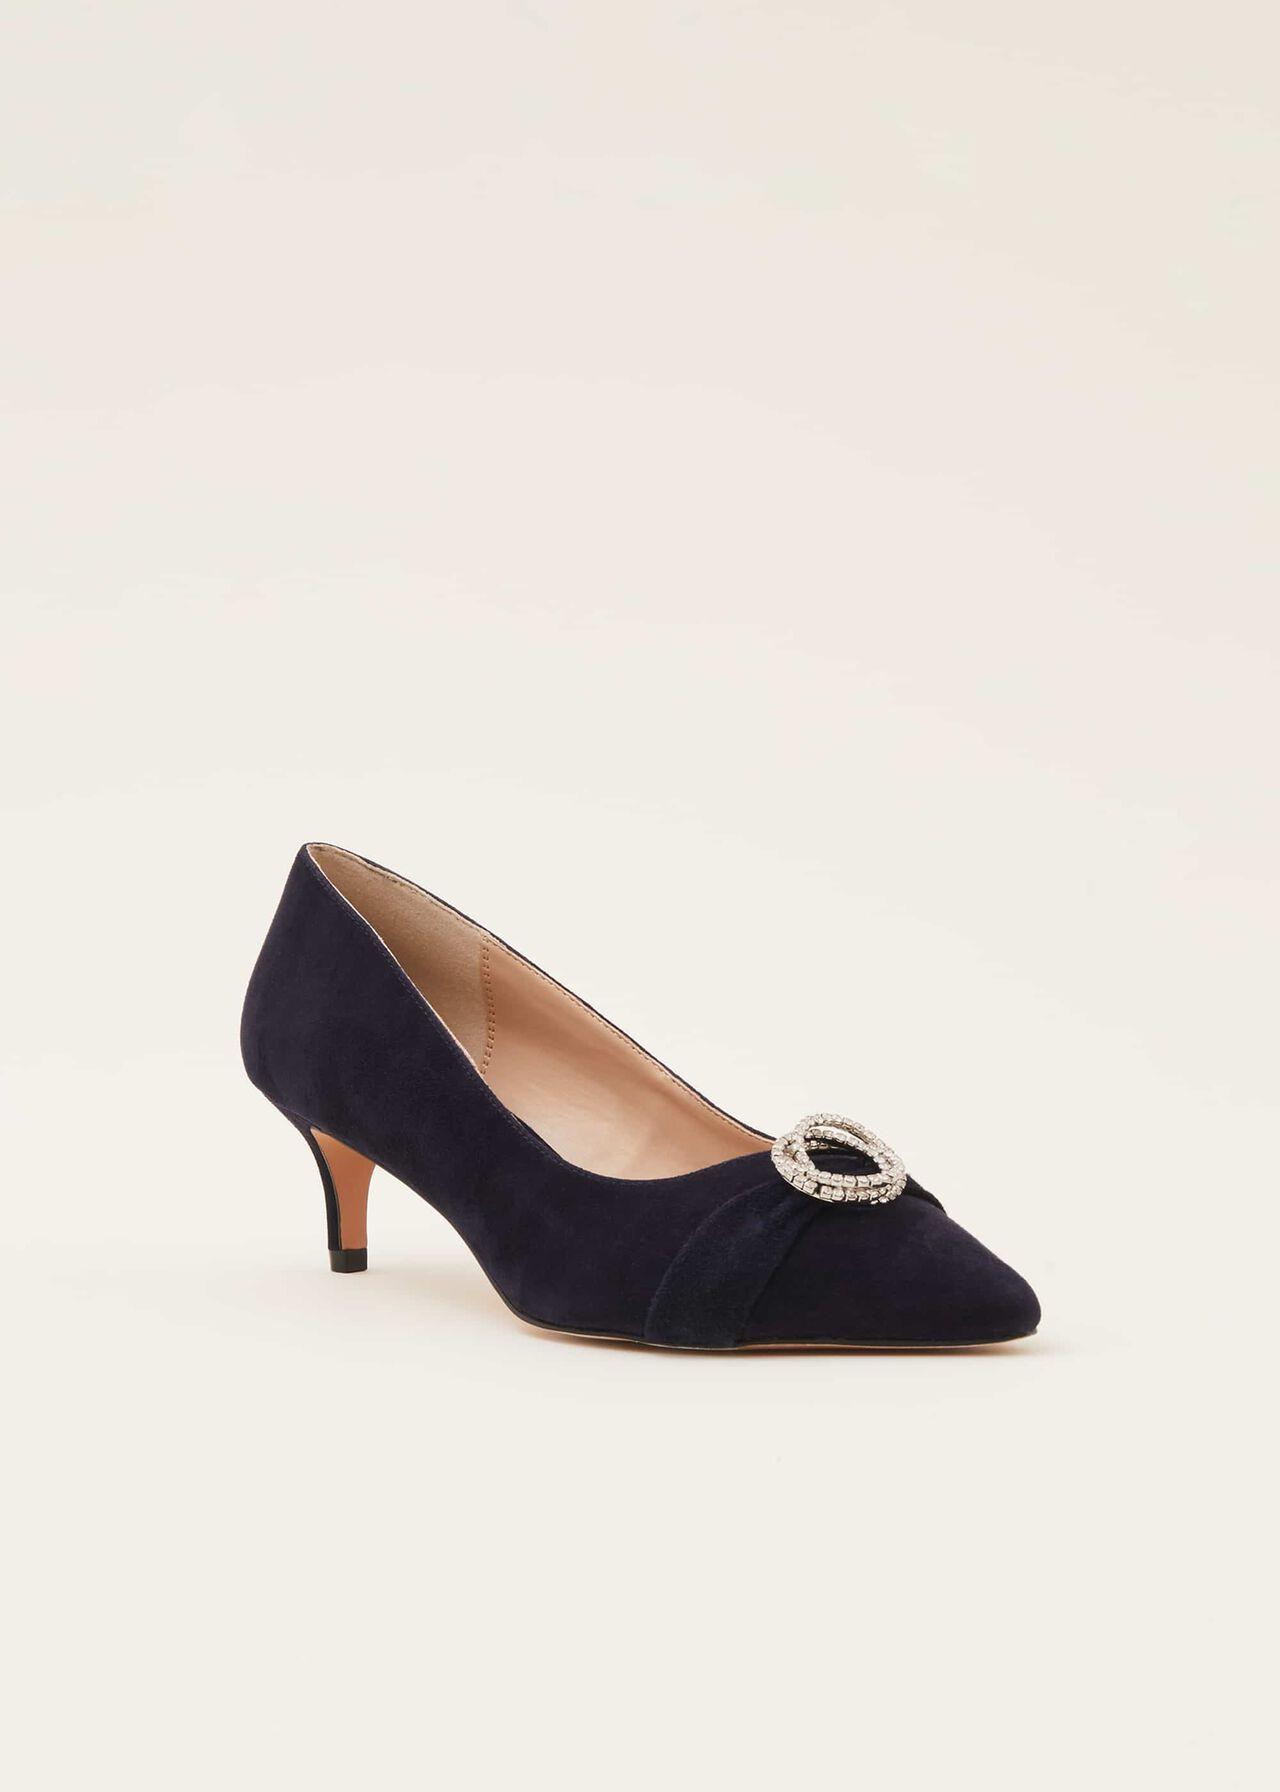 Joelle Sparkle Court Shoe